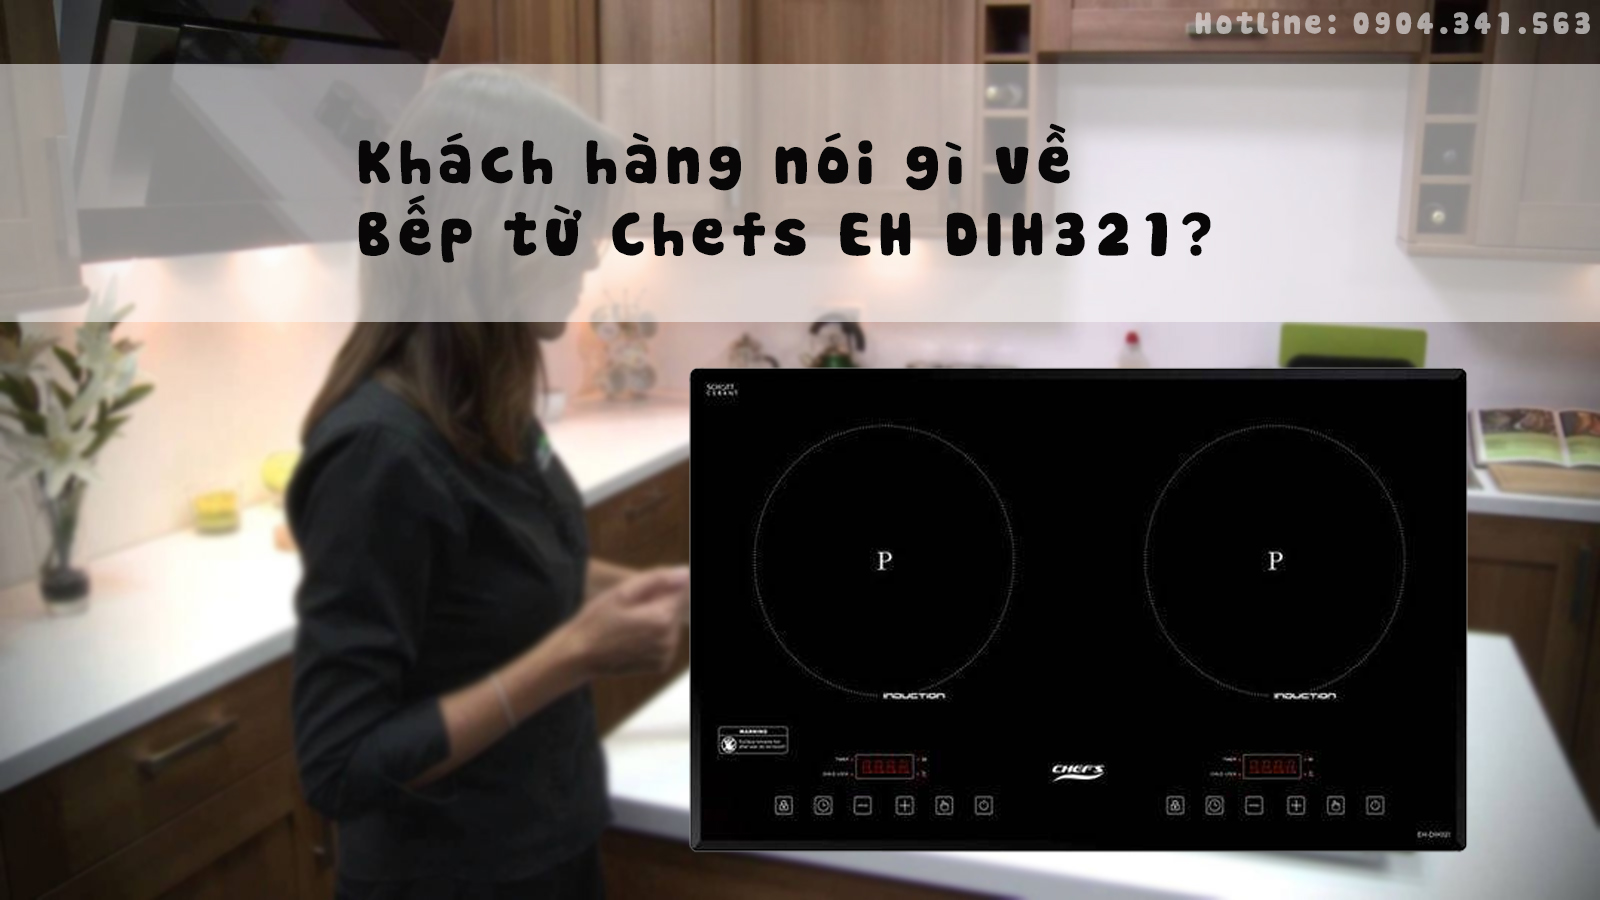 Khách hàng nói gì về Bếp từ Chefs EH DIH321?